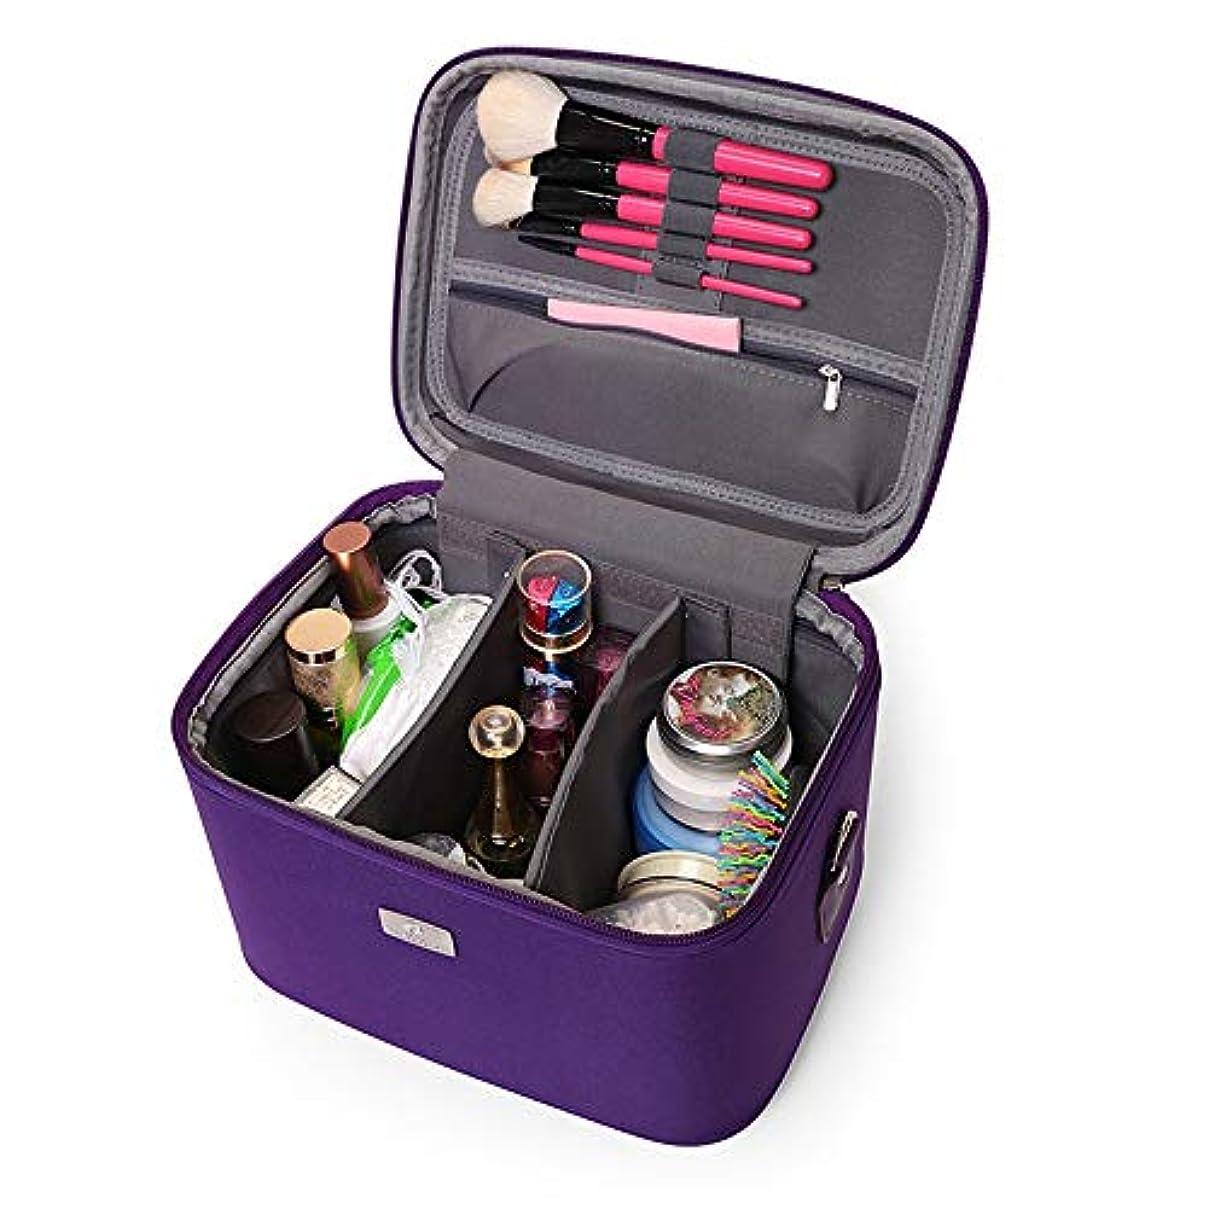 練る劇的ちらつき化粧オーガナイザーバッグ 14インチのメイクアップトラベルバッグPUレター防水化粧ケースのティーン女の子の女性アーティスト 化粧品ケース (色 : 紫の)